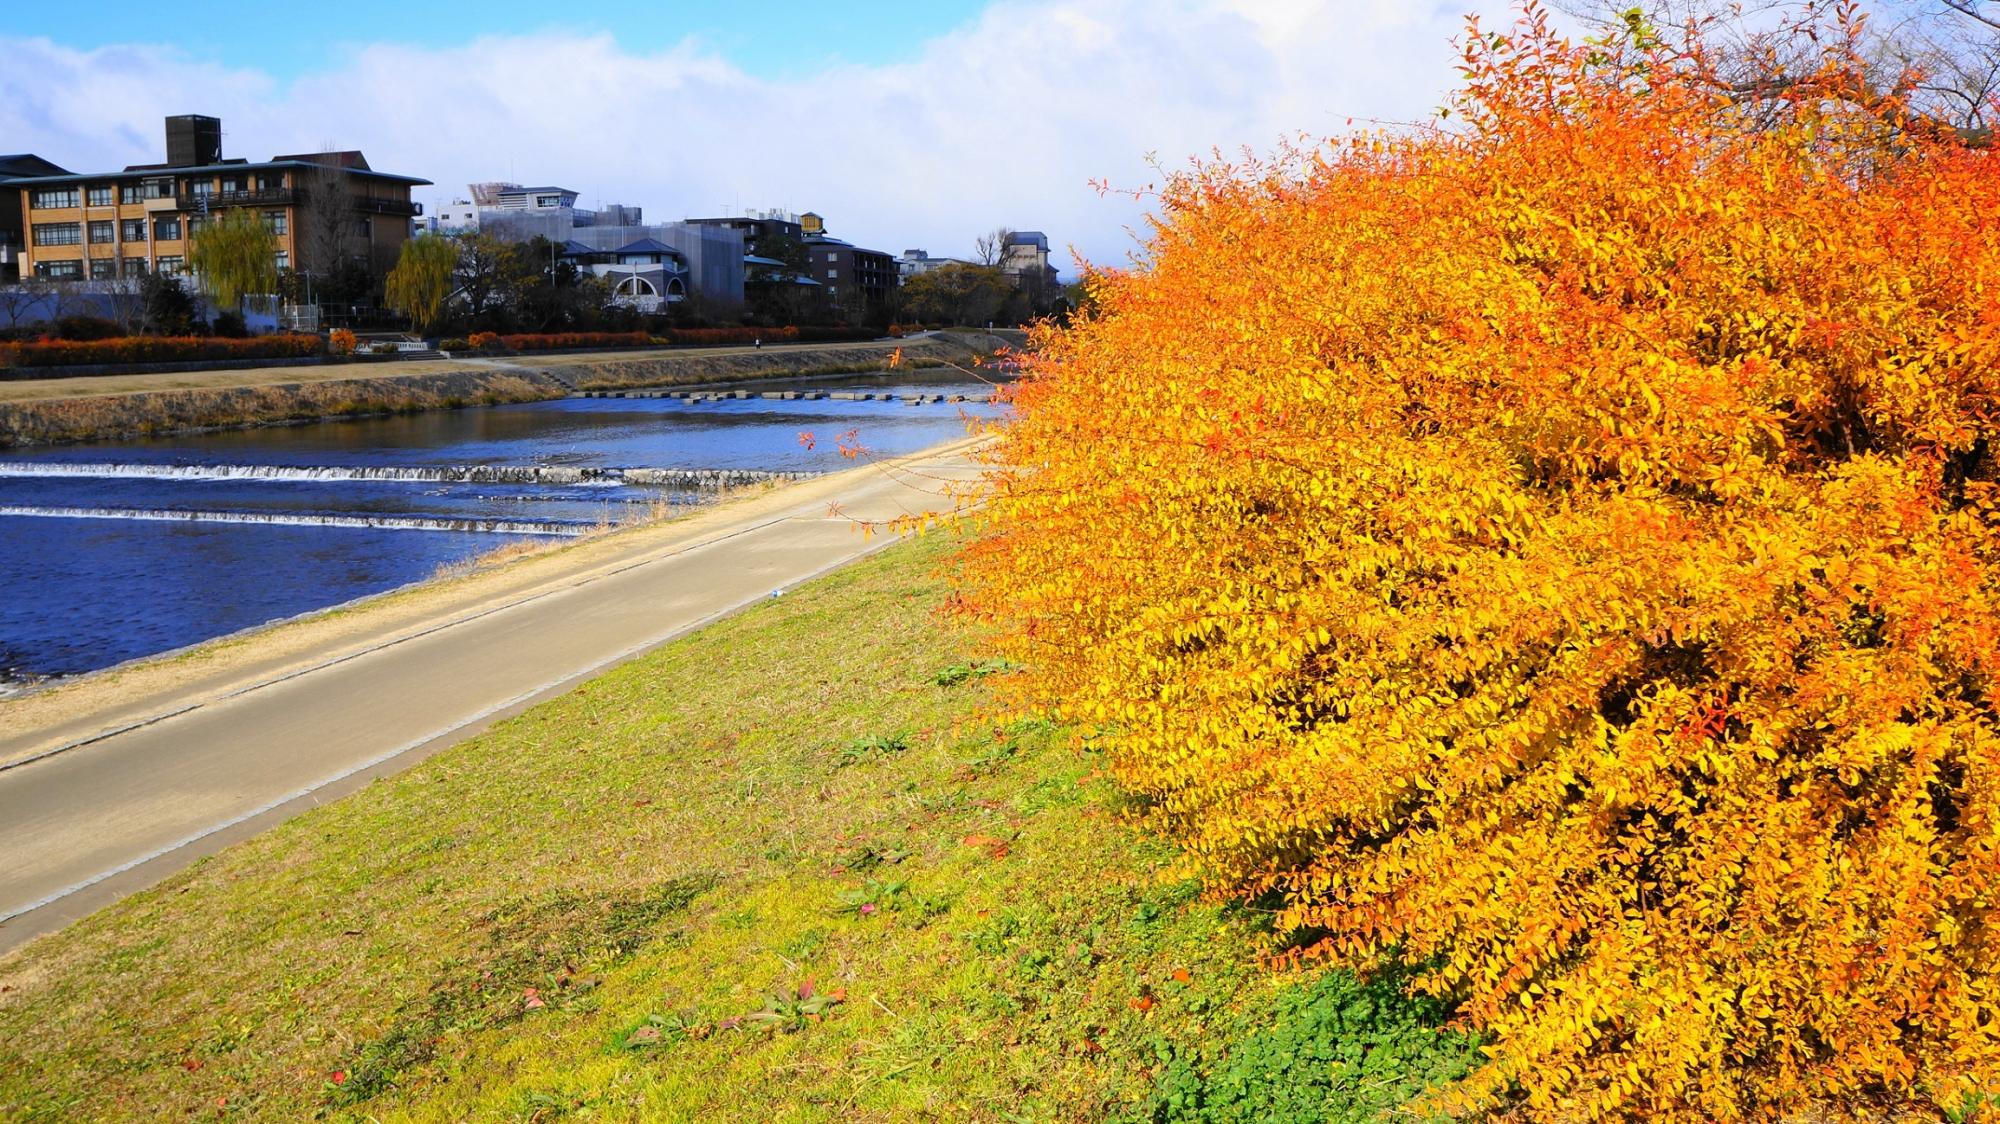 鴨川の雪柳の冬のオレンジ色の鮮やかな紅葉